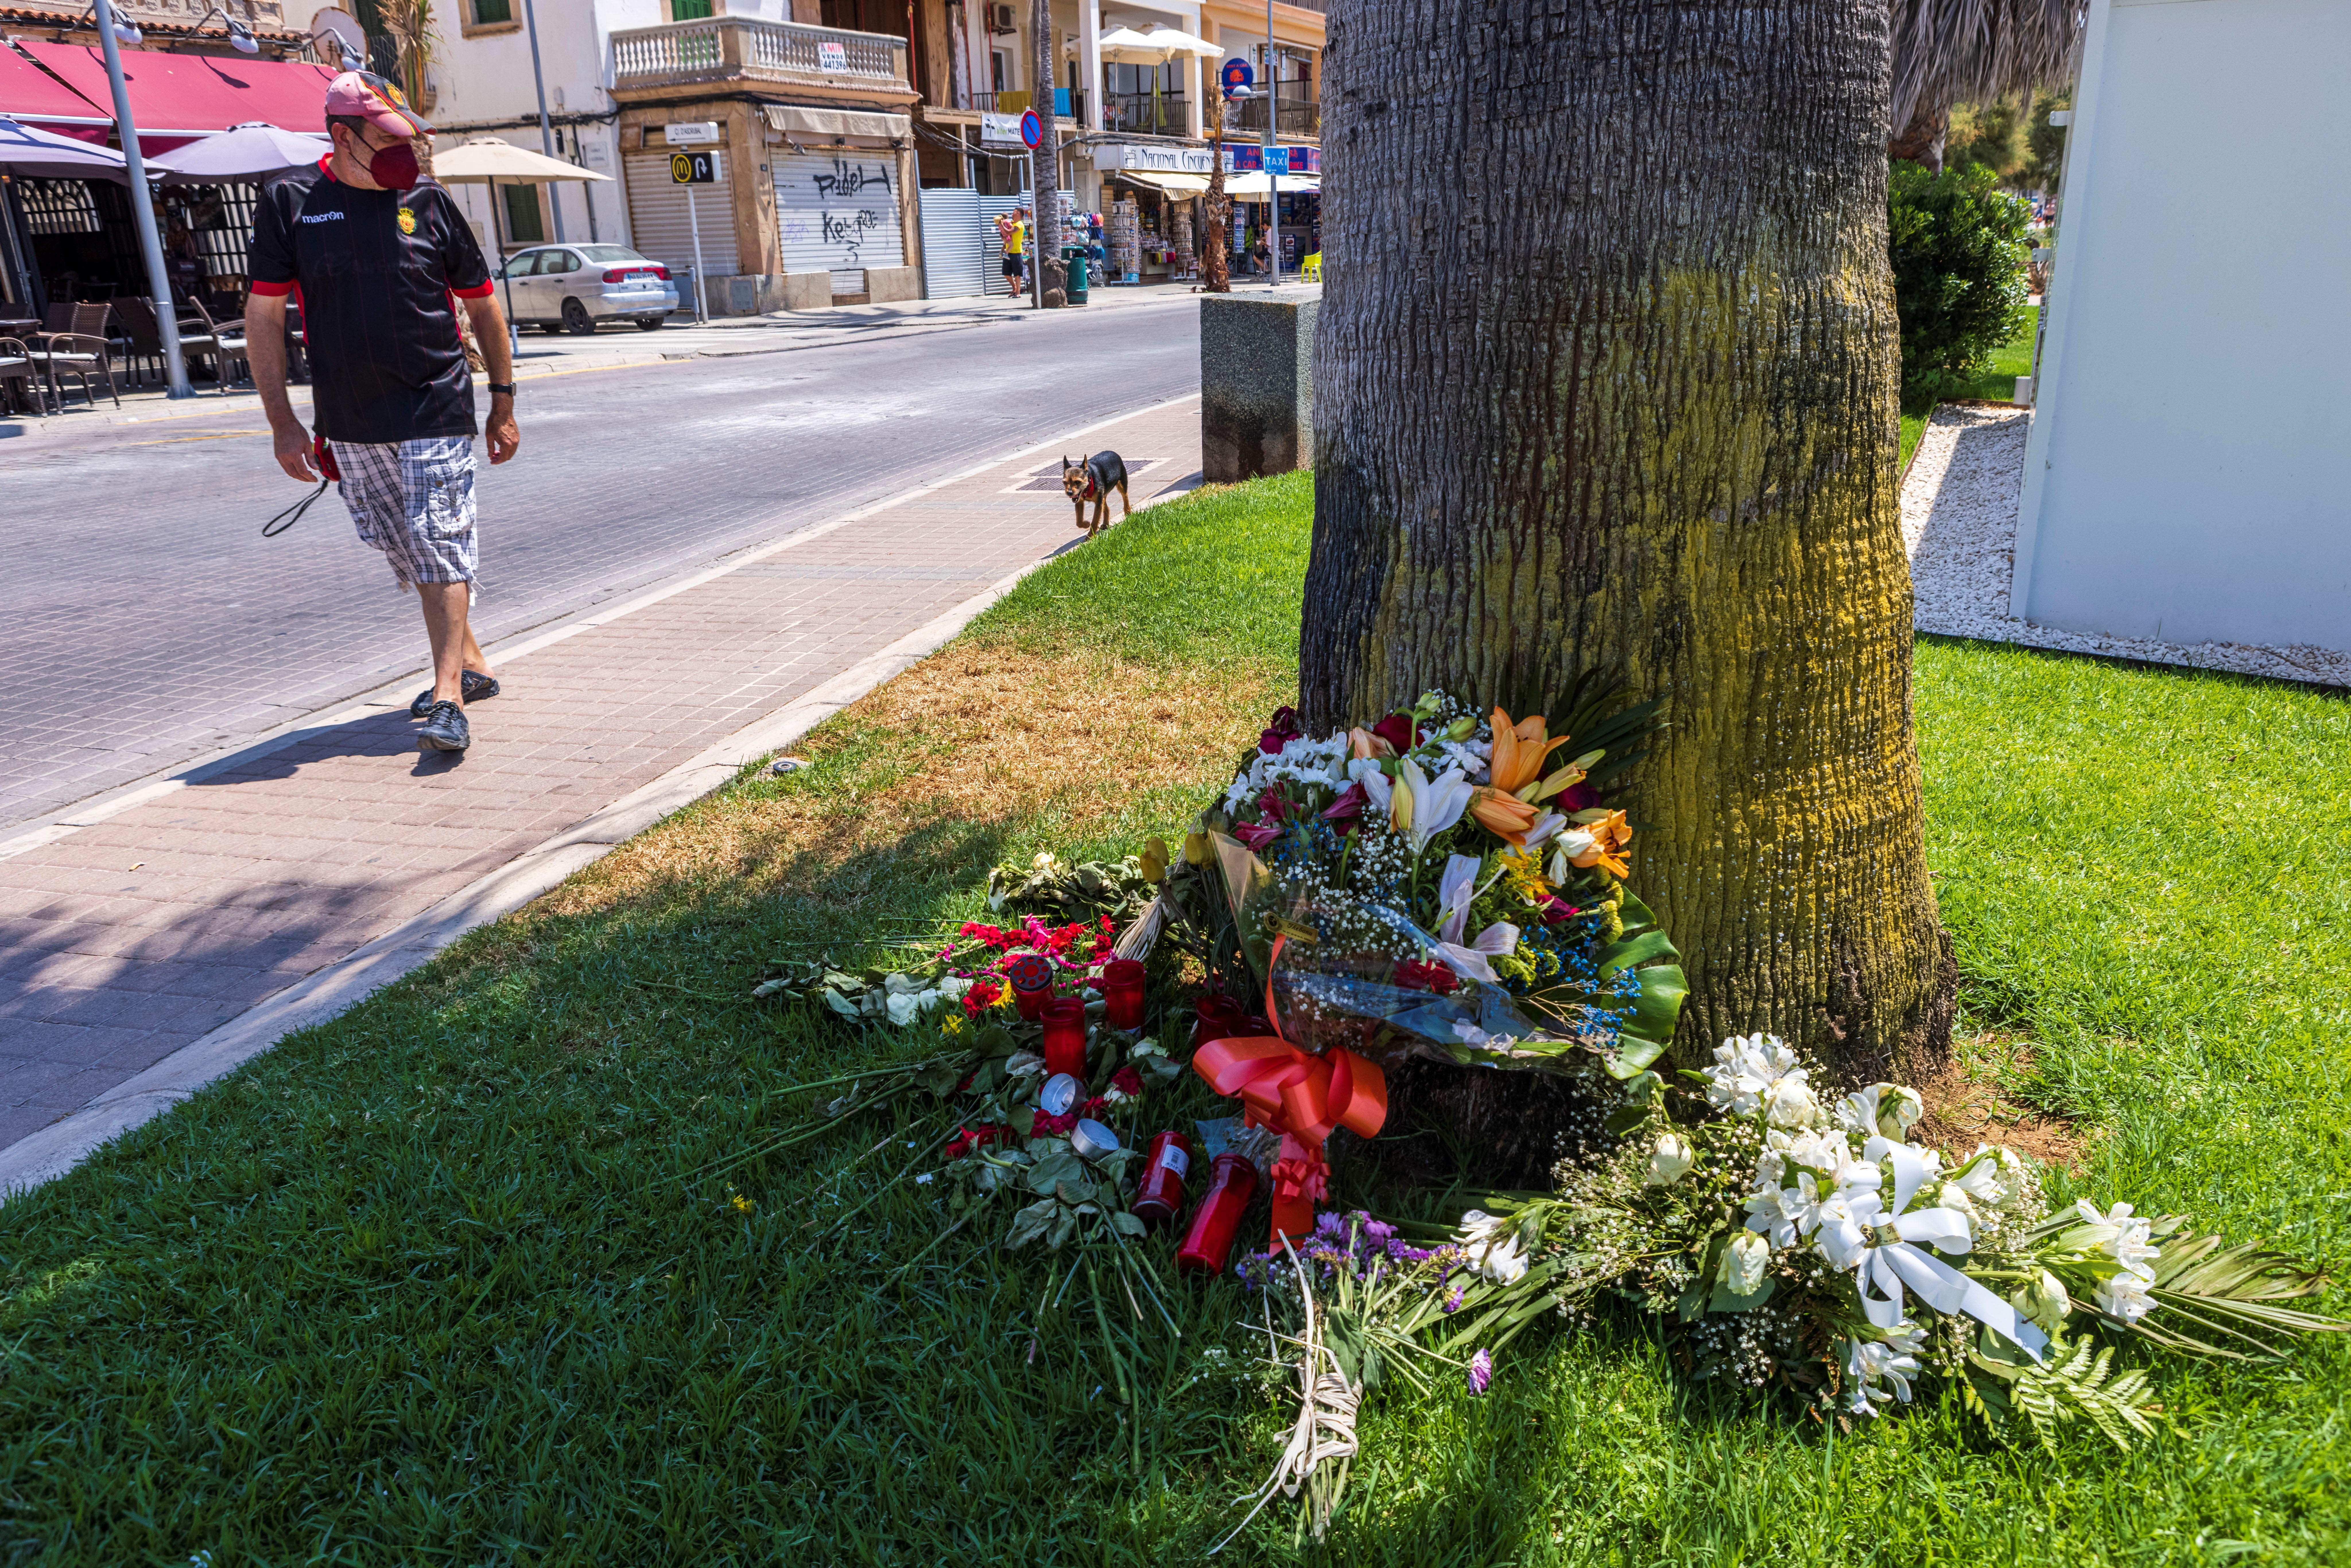 Dat de 'Mallorca verdachten' koste wat kost niet in handen van de Spaanse justitie willen vallen, is meteen duidelijk. Ze stellen daartoe zelfs een vluchtscenario op | Commentaar